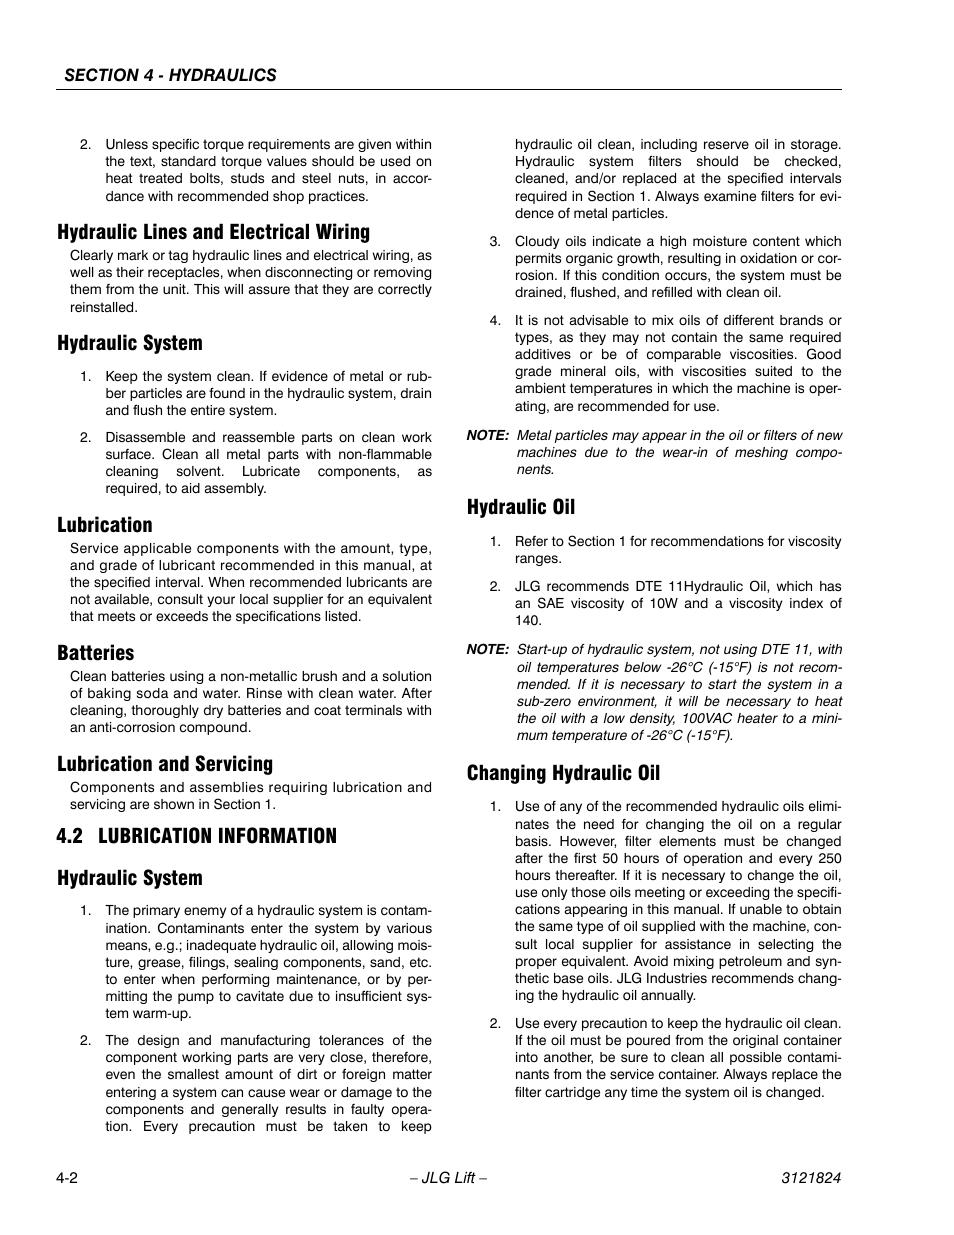 hydraulic lines and electrical wiring hydraulic system lubrication rh manualsdir com Commercial Wiring Standards Instrumentation Wiring Standards